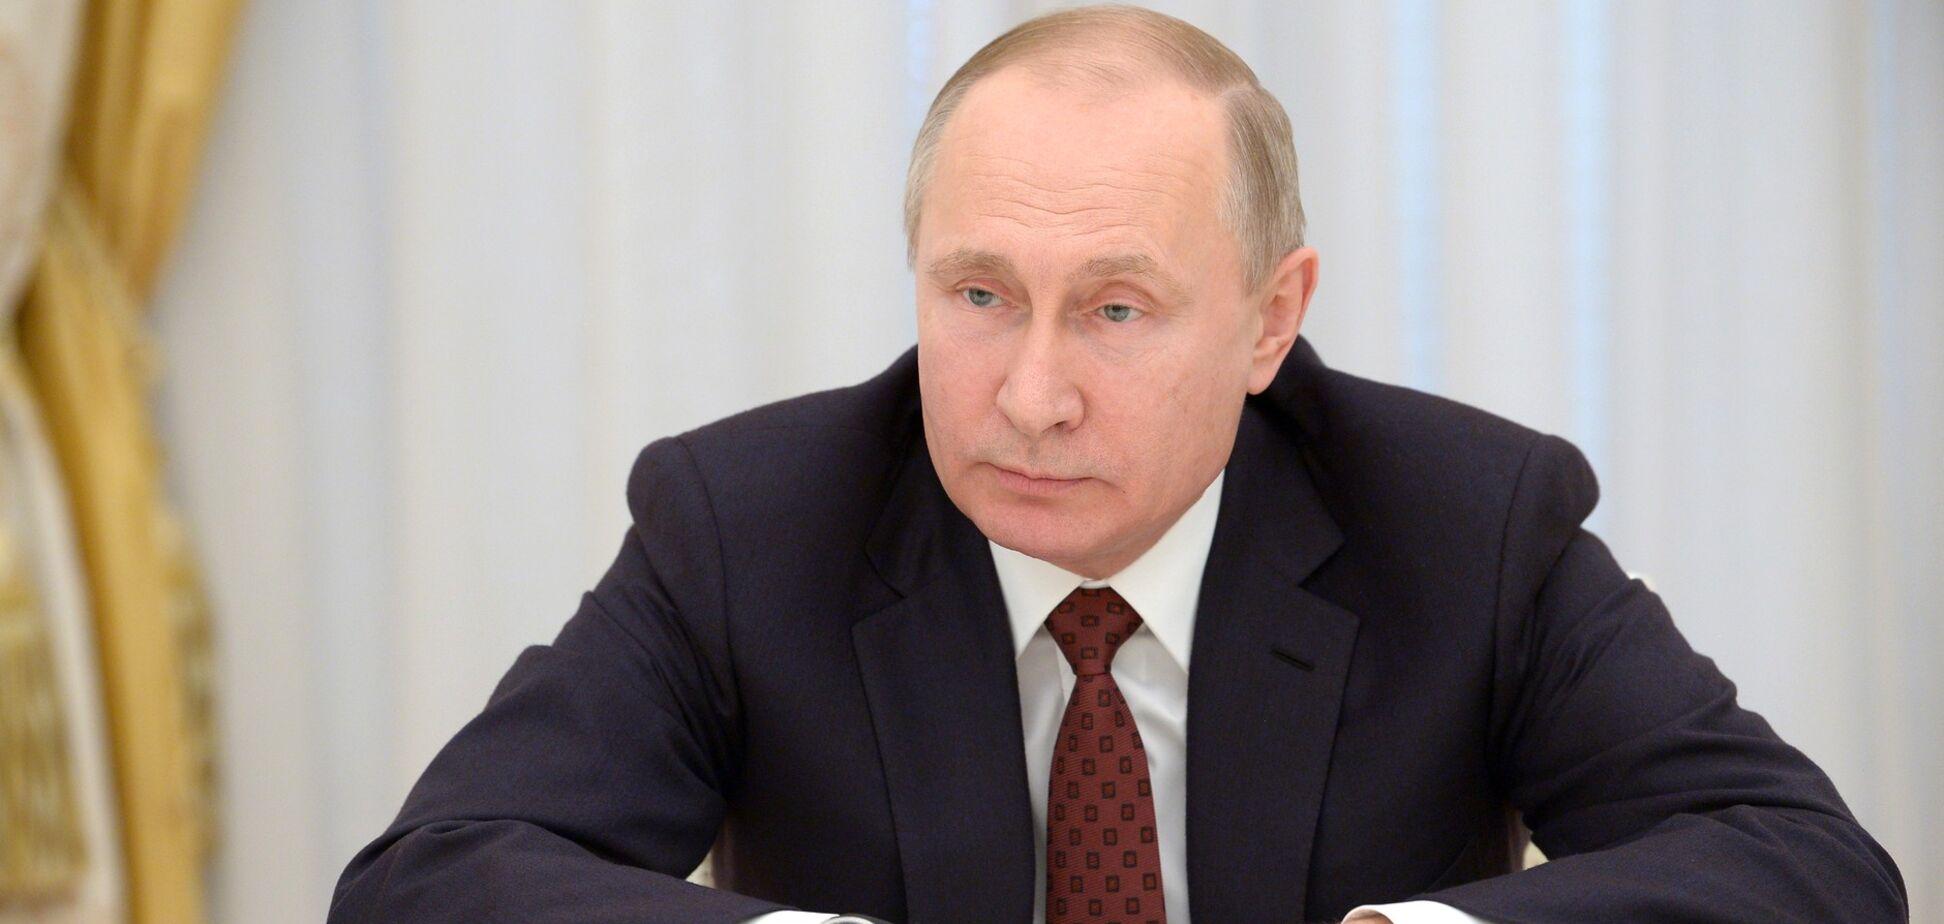 'Цільова установка': в Росії показали підтасовування явки на виборах Путіна